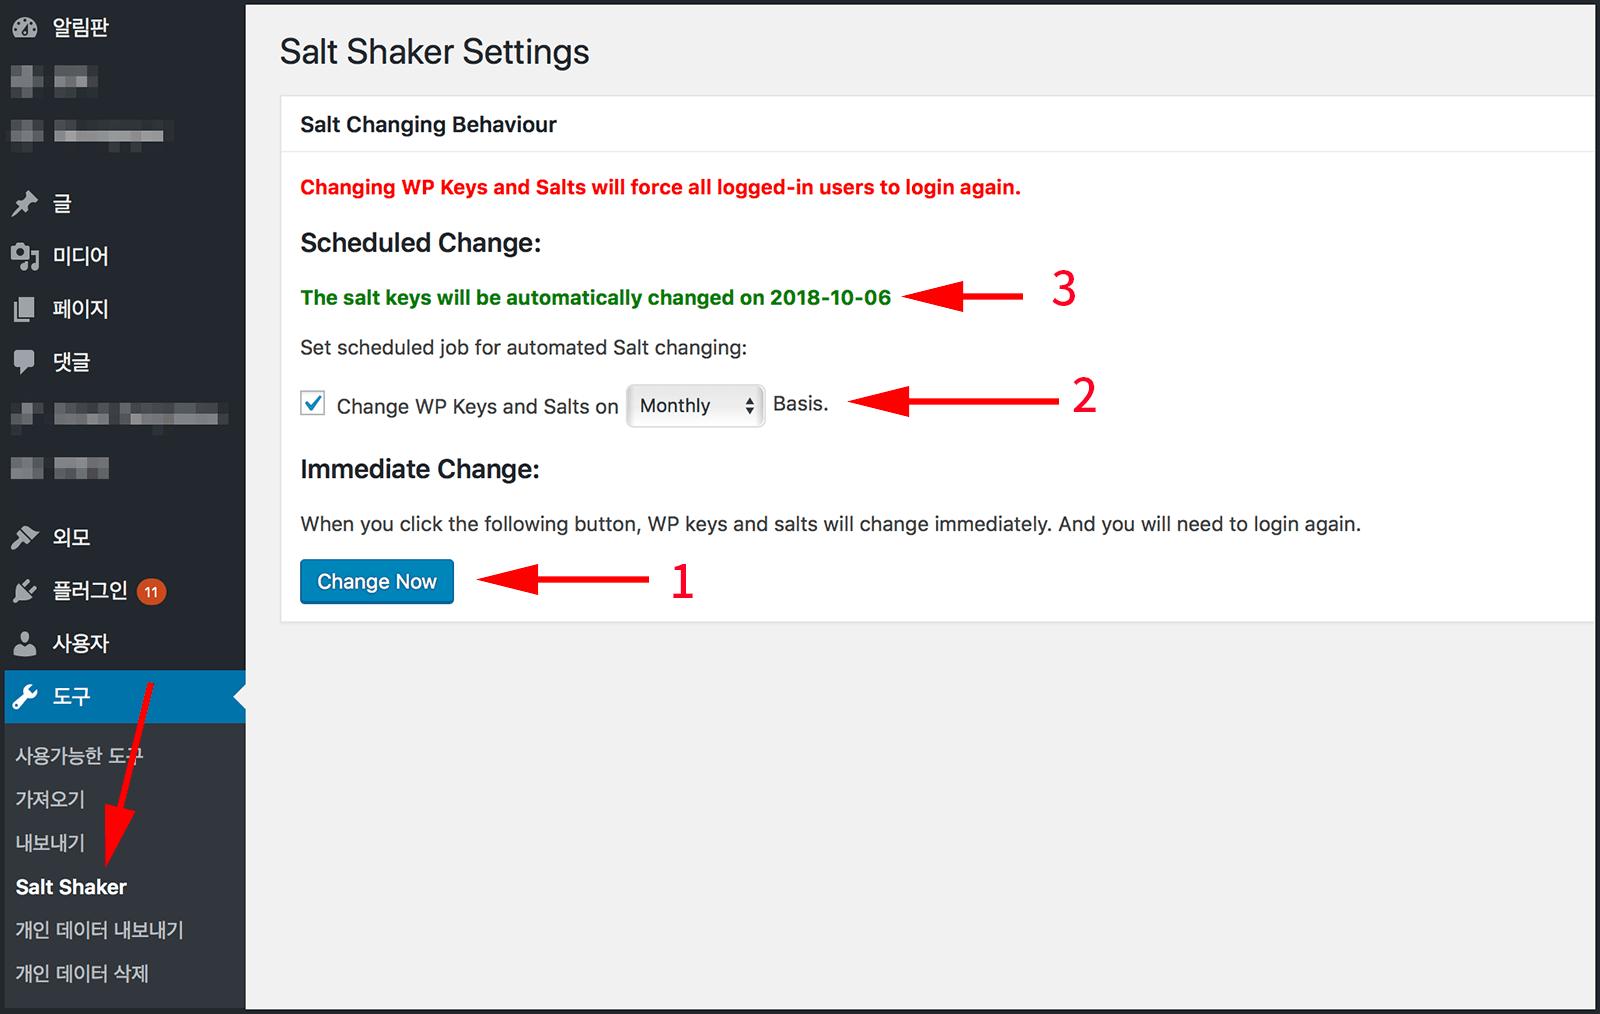 몇가지 영어로된 안내사항과 자동스케줄 또는 지금 바꾸기 버튼이 보인다